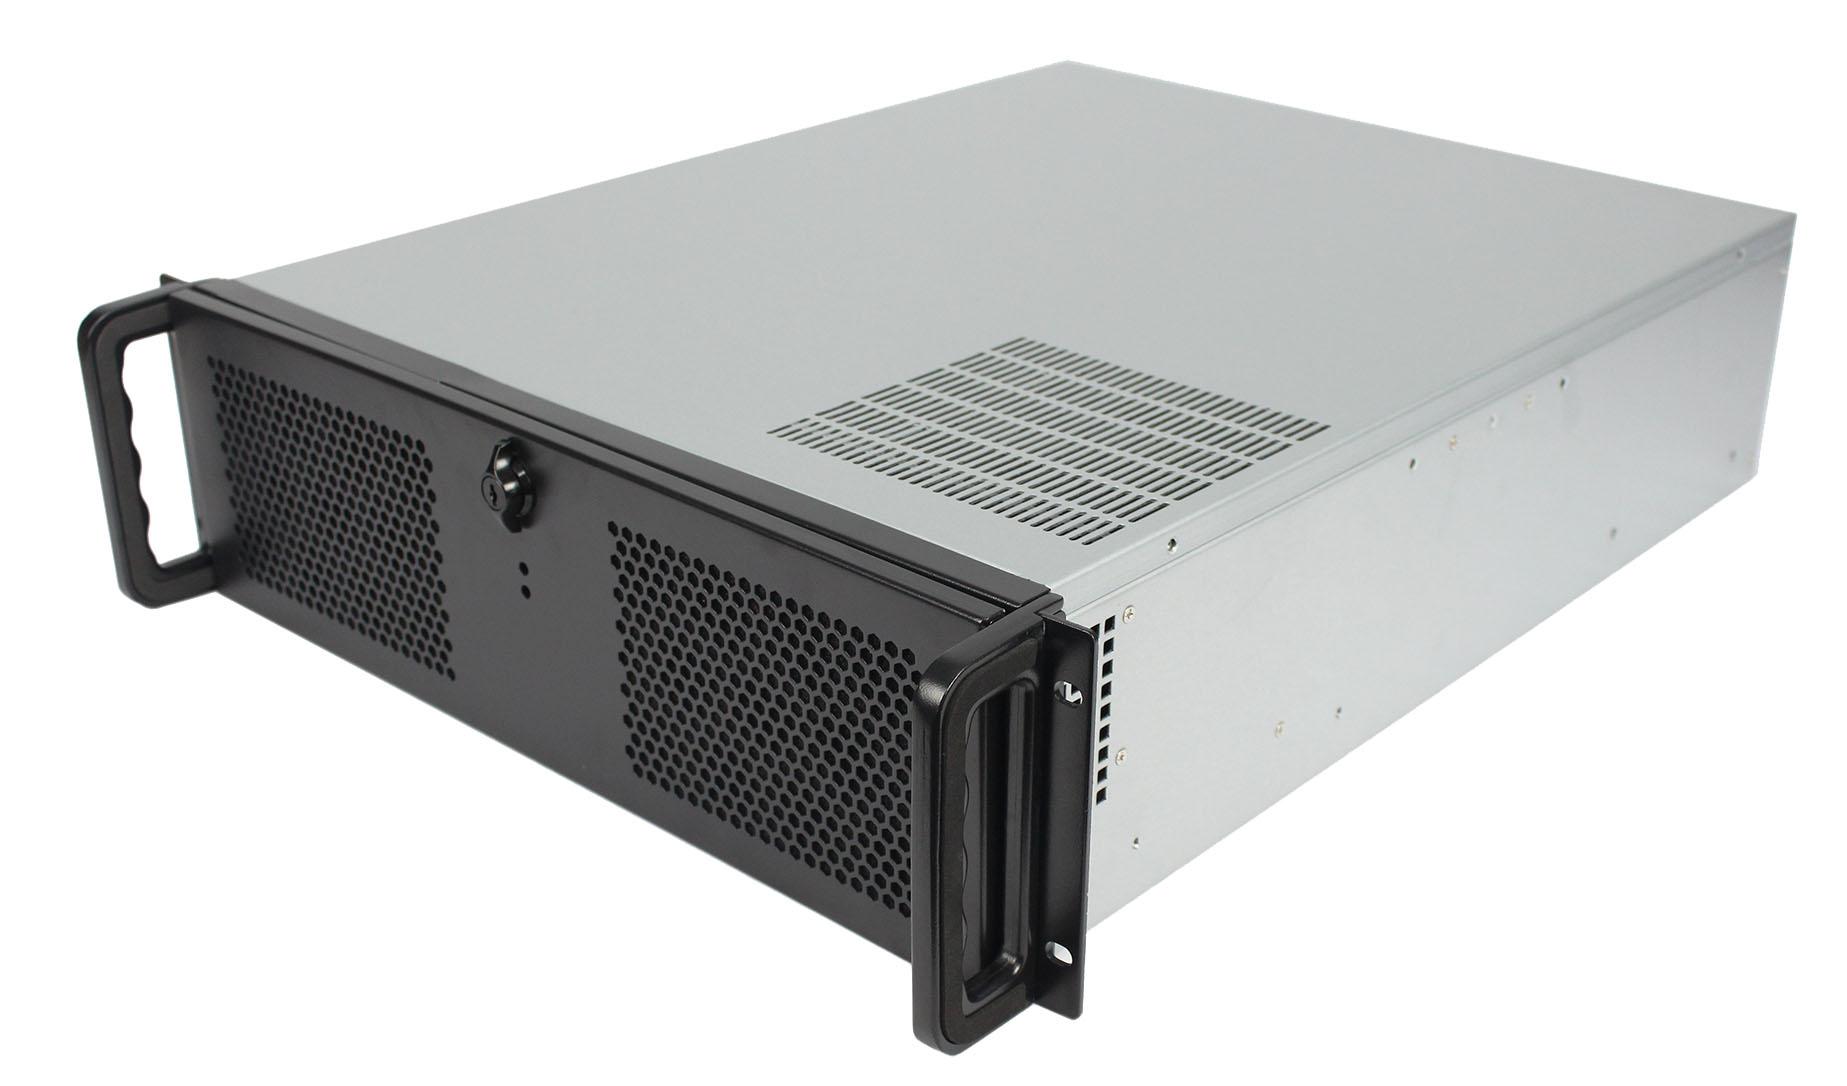 NR-355-2D